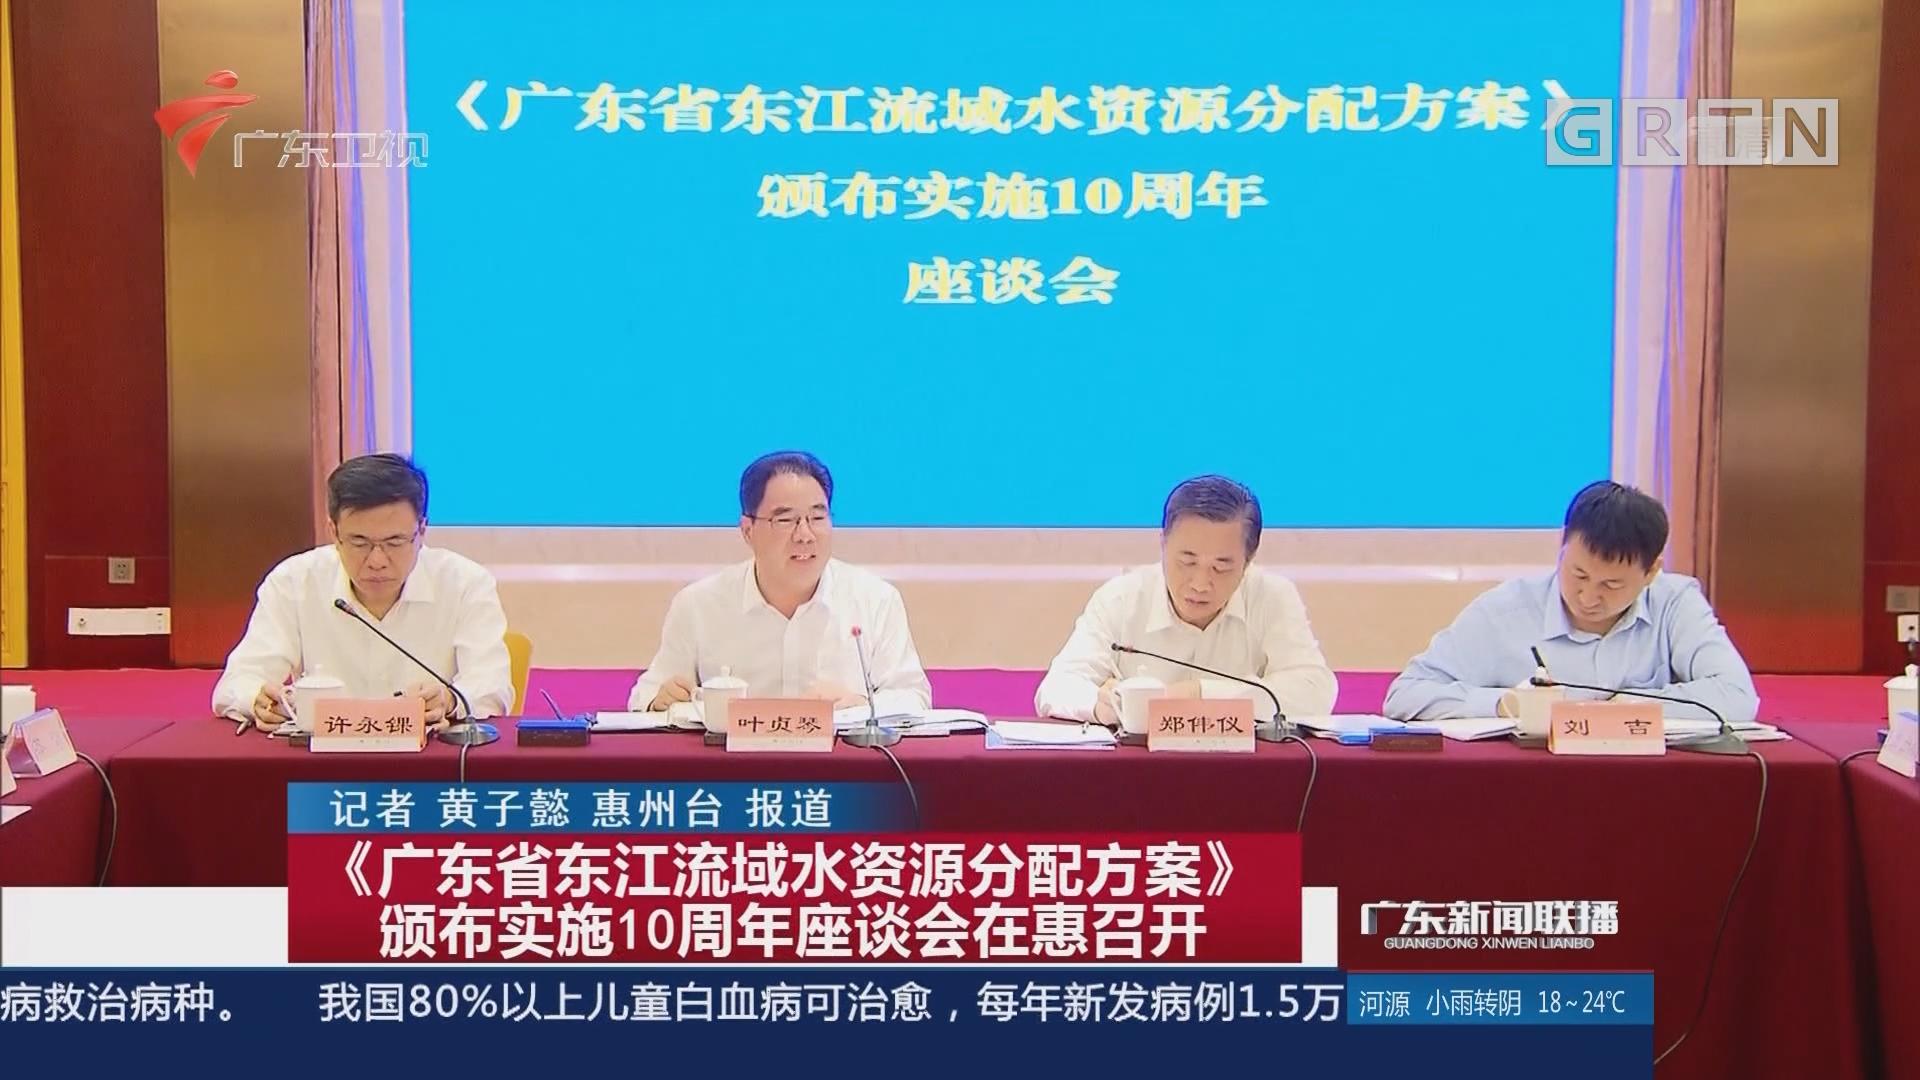 《广东省东江流域水资源分配方案》颁布实施10周年座谈会在惠召开